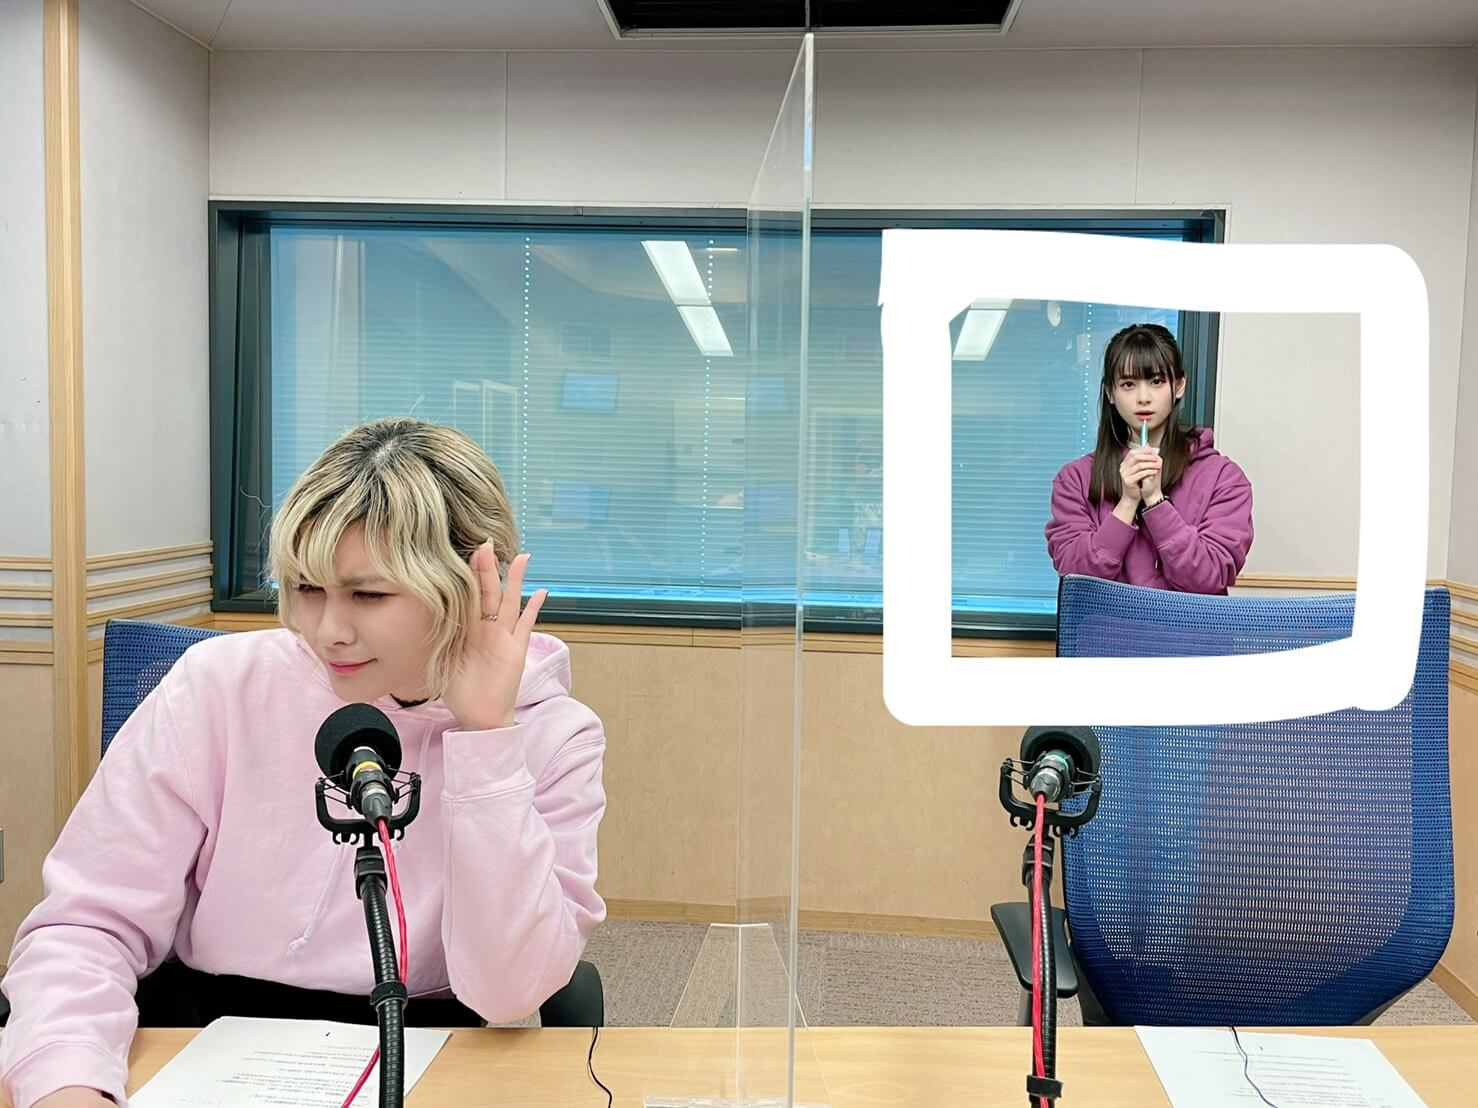 番組初の中継を実施!ファンズちゃんとの邂逅!!【第3回放送後レポート(2021.04.18)】